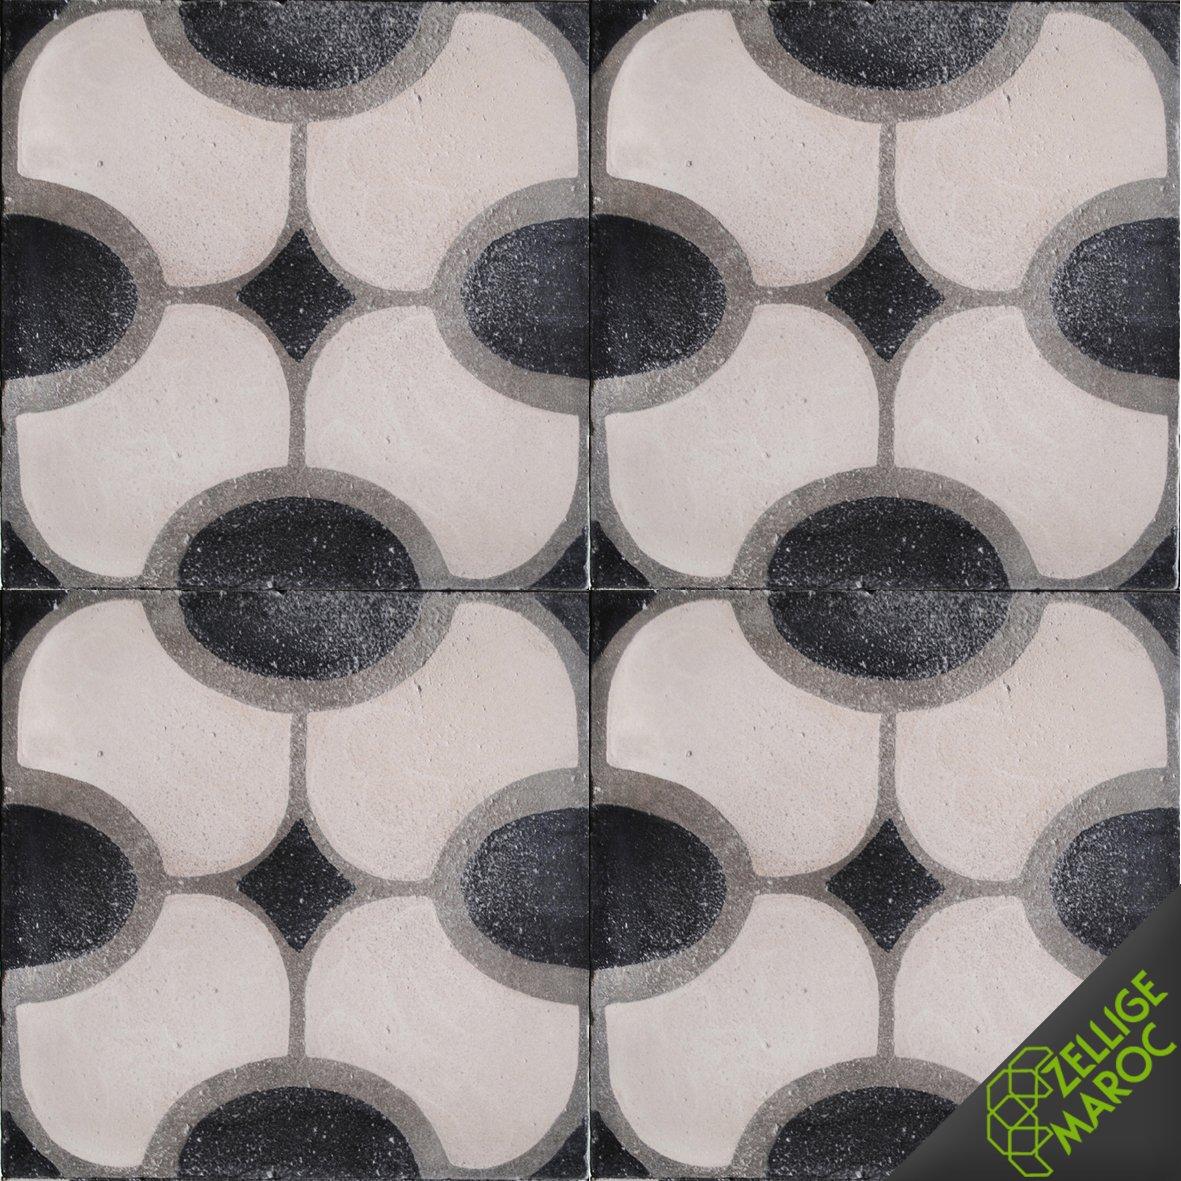 carreaux ciment c36 zellige maroc. Black Bedroom Furniture Sets. Home Design Ideas